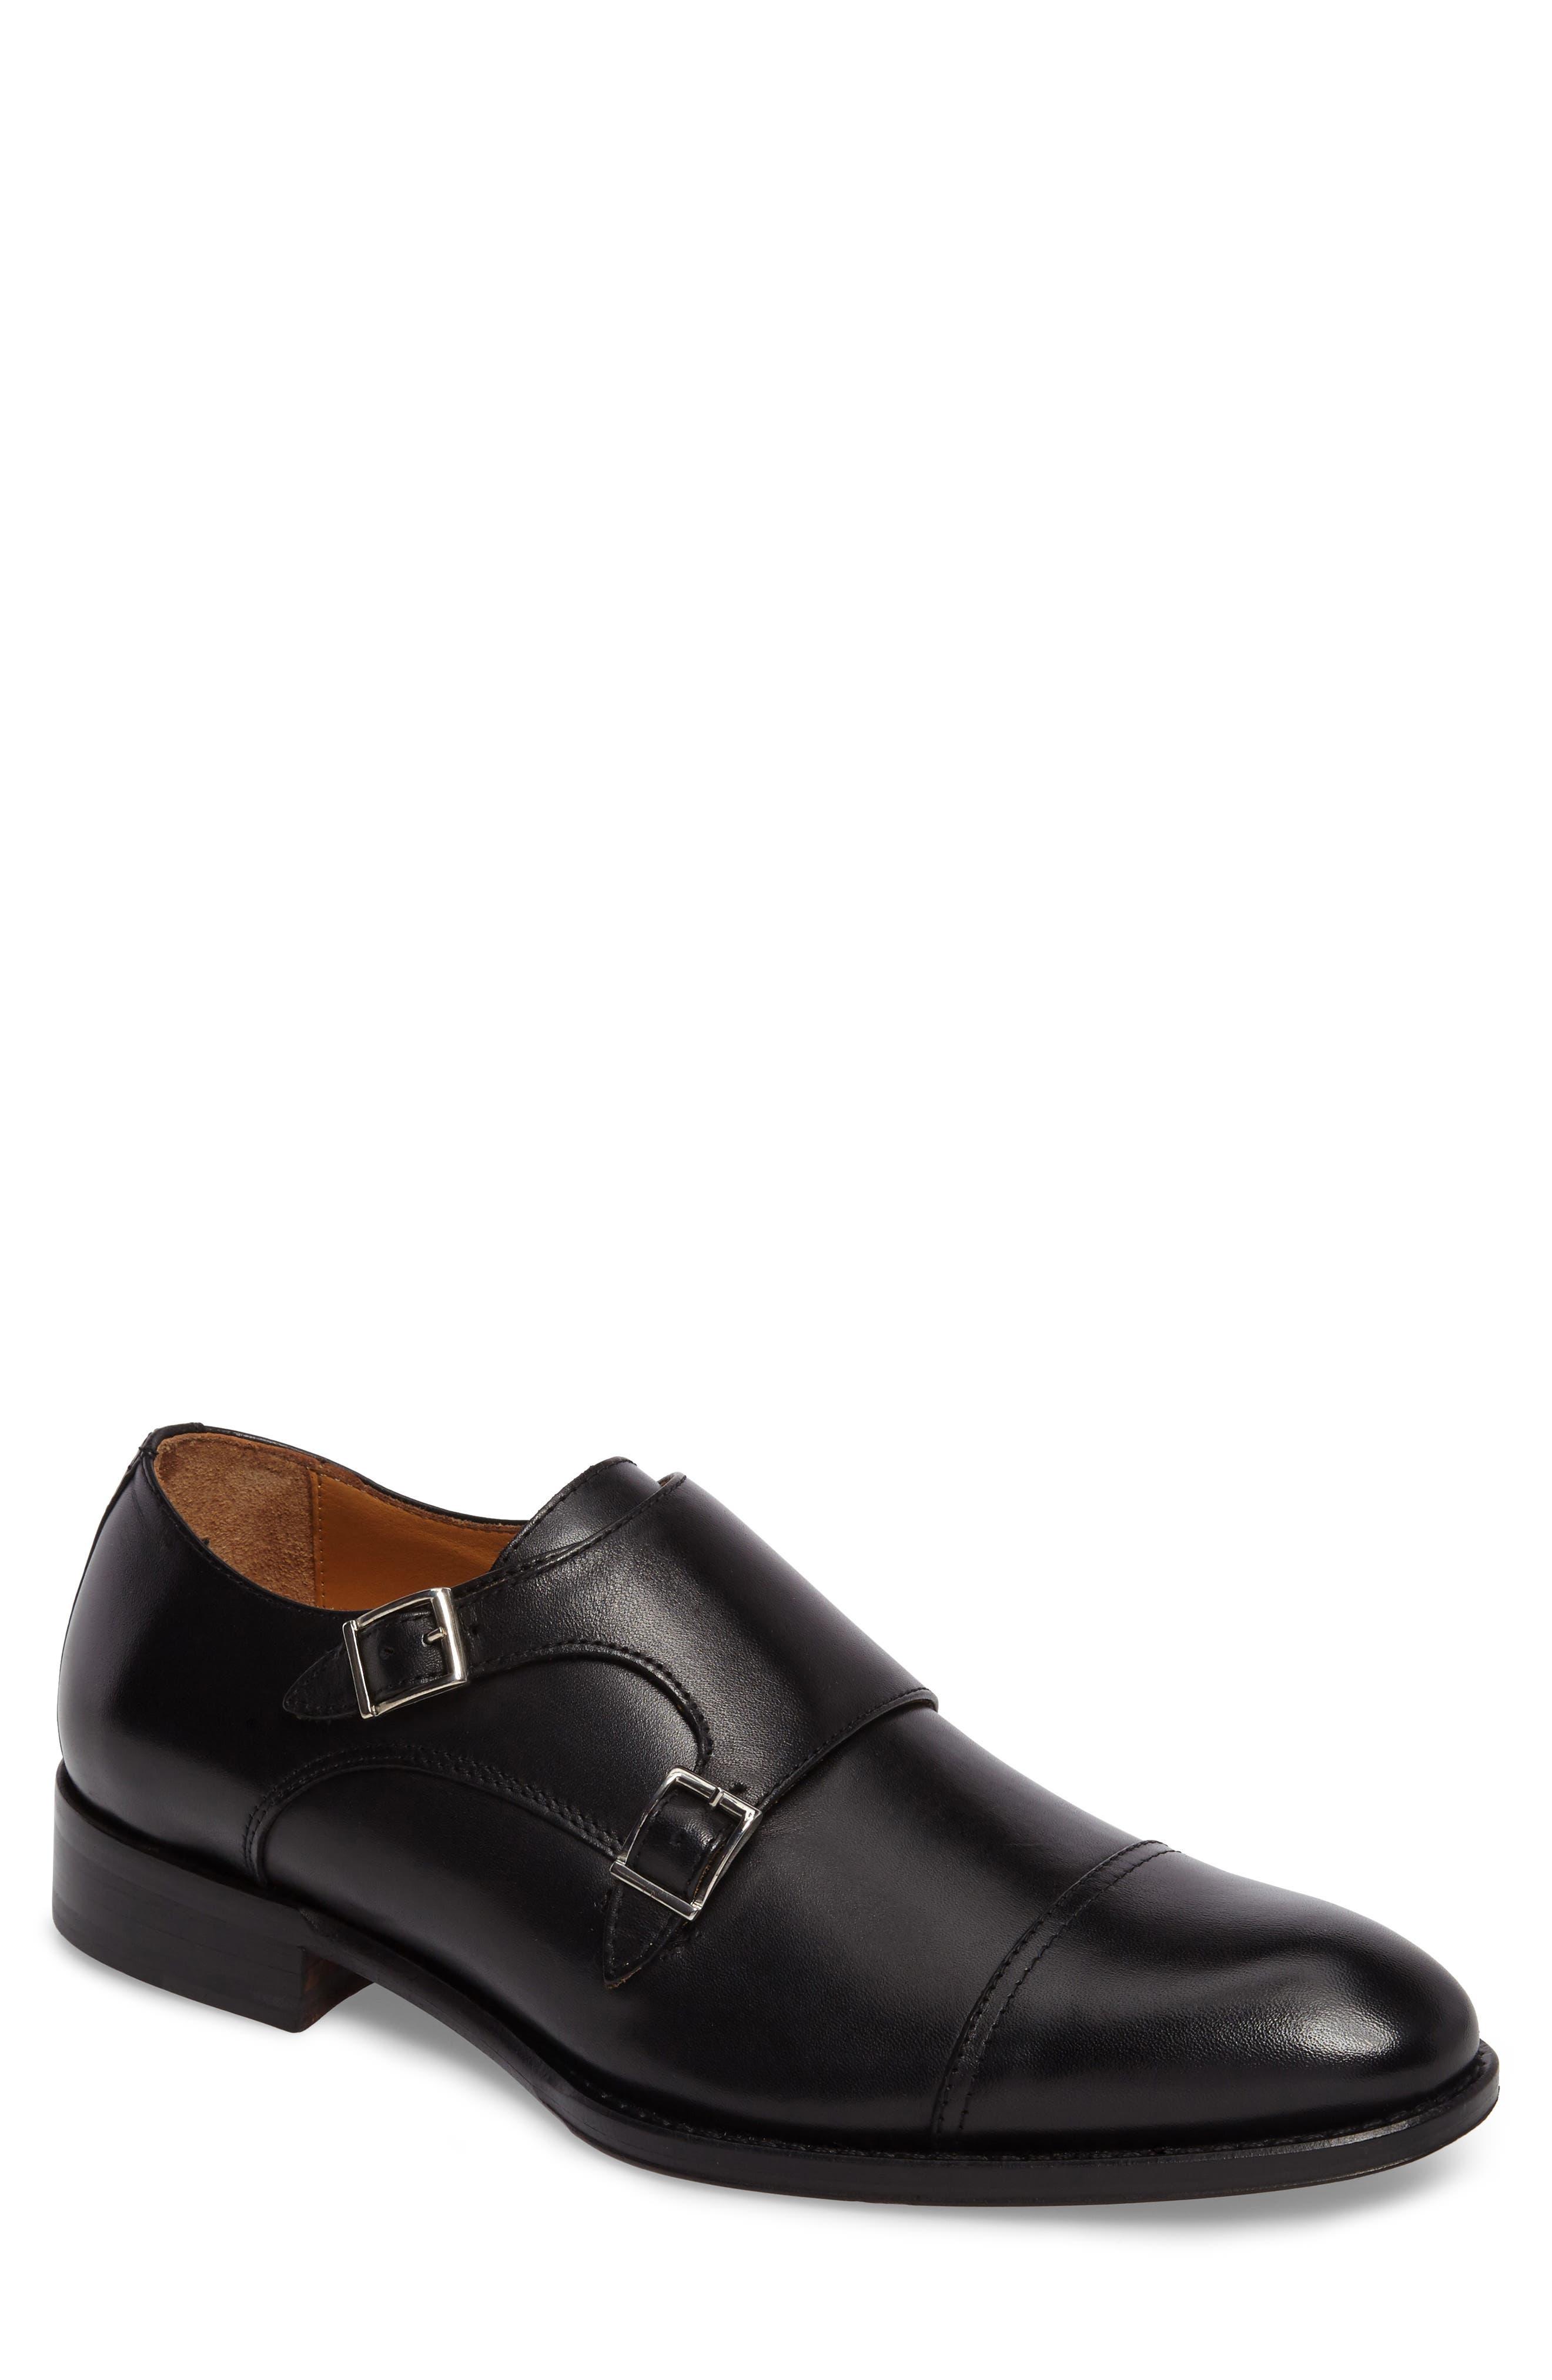 Stratton Double Monk Strap Shoe,                             Main thumbnail 1, color,                             001